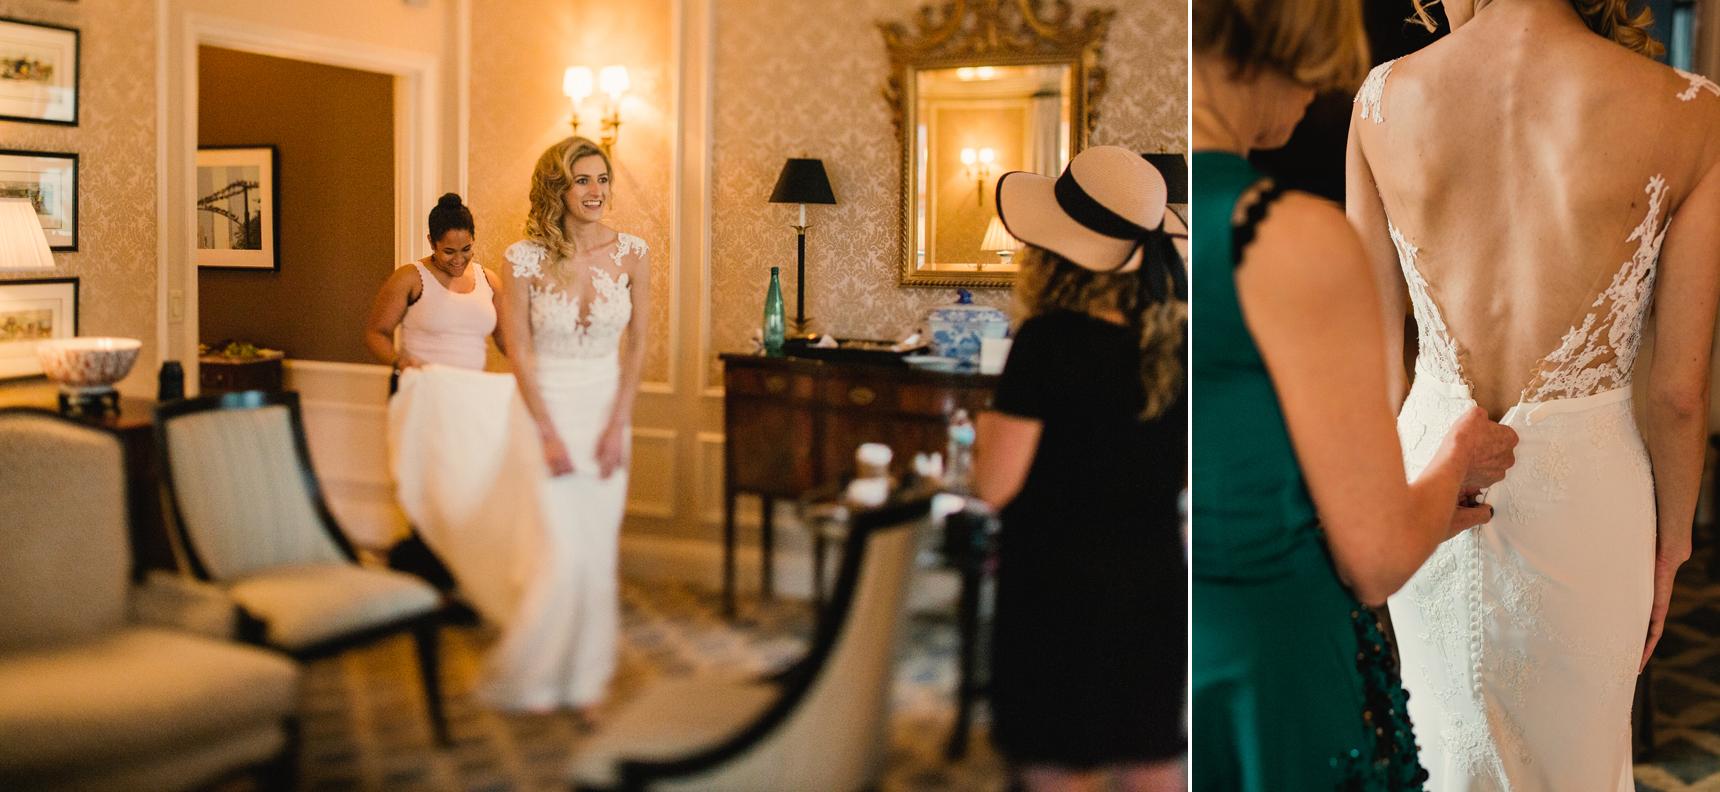 Jory_LoebBoathouse_CentralPark_NewYork_WeddingPhotographer022.jpg